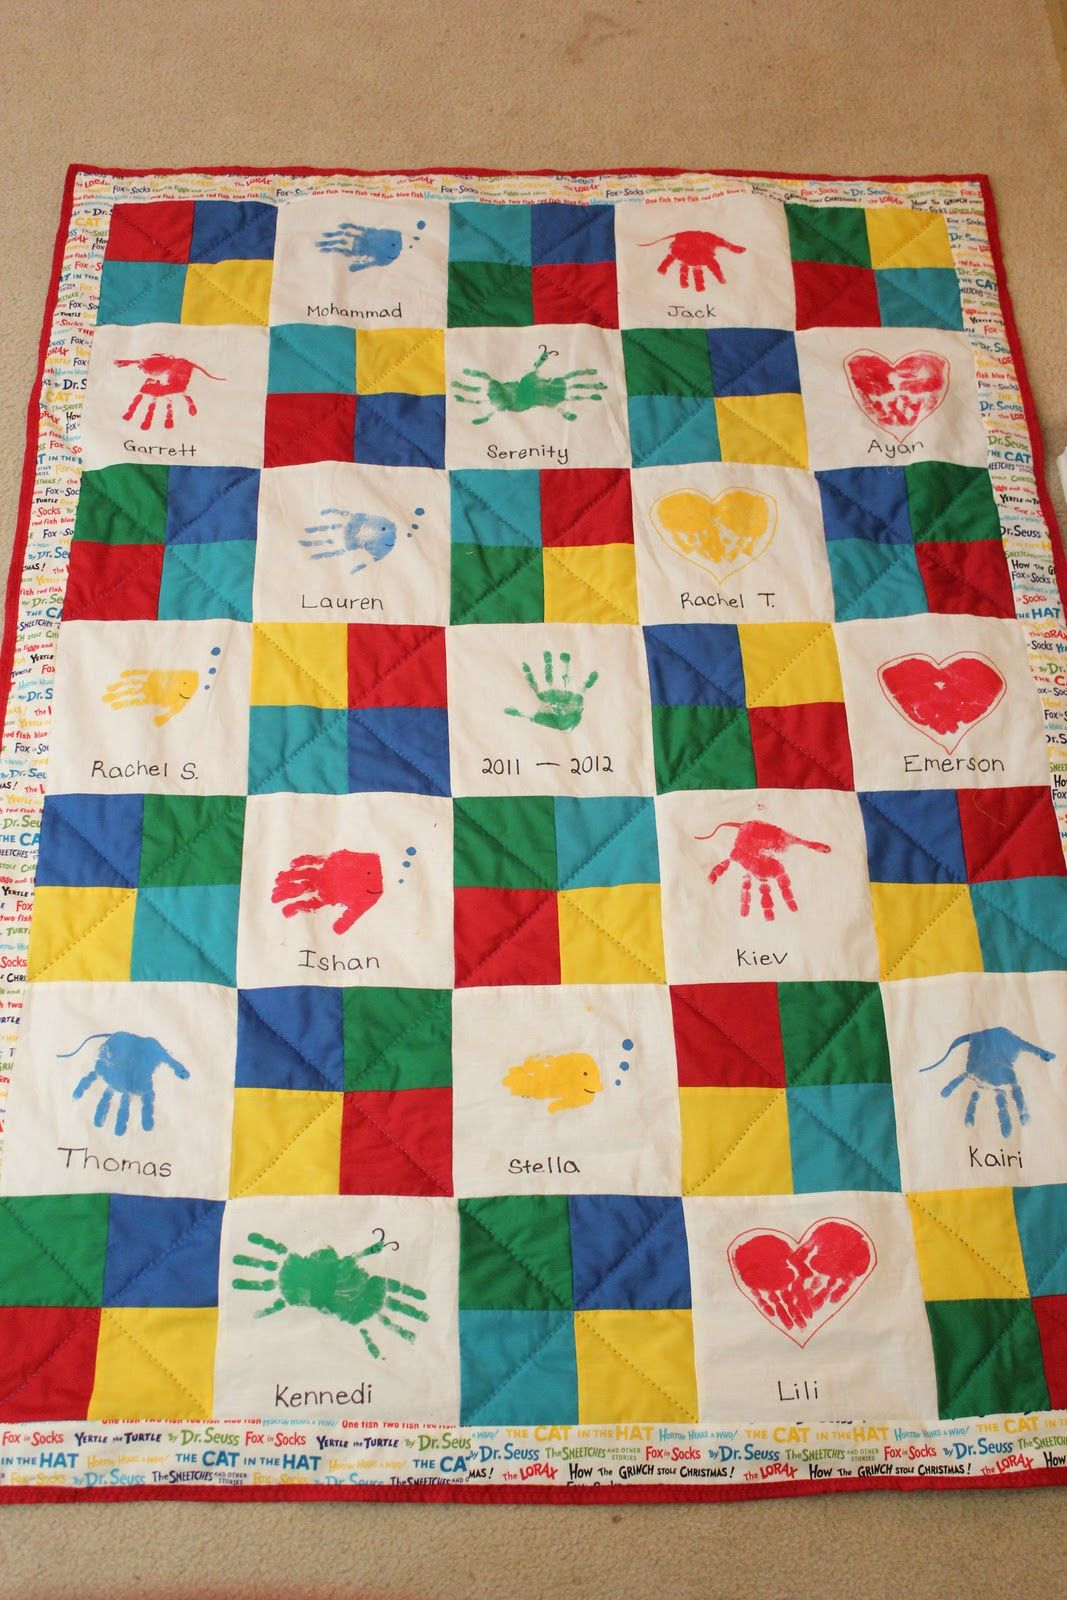 class quilt project | Class Art Auction Handprint Quilt | Class ... : classroom quilt ideas - Adamdwight.com